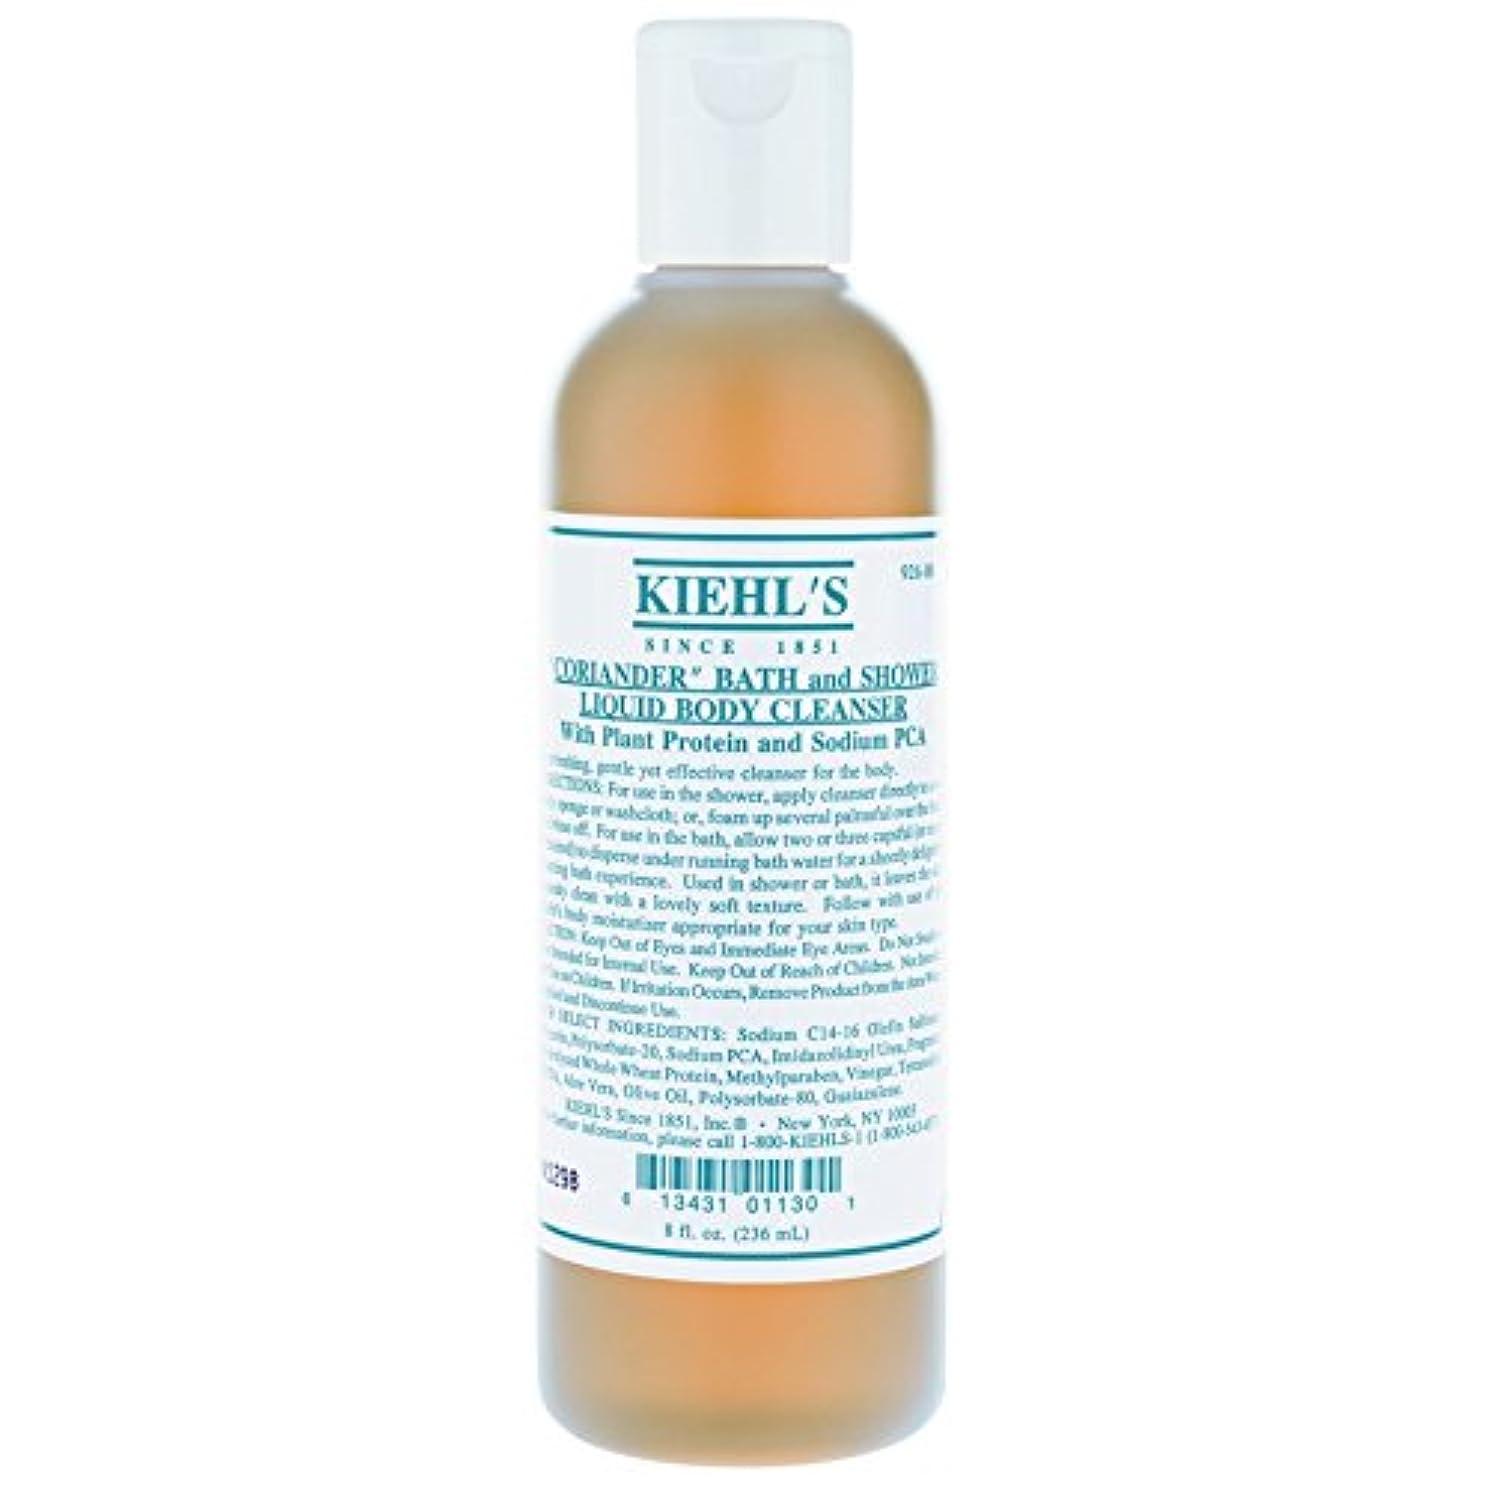 ボランティア敵対的貴重な[Kiehl's] キールズコリアンダーバス&シャワー液体ボディクレンザー500ミリリットル - Kiehl's Coriander Bath & Shower Liquid Body Cleanser 500ml [並行輸入品]